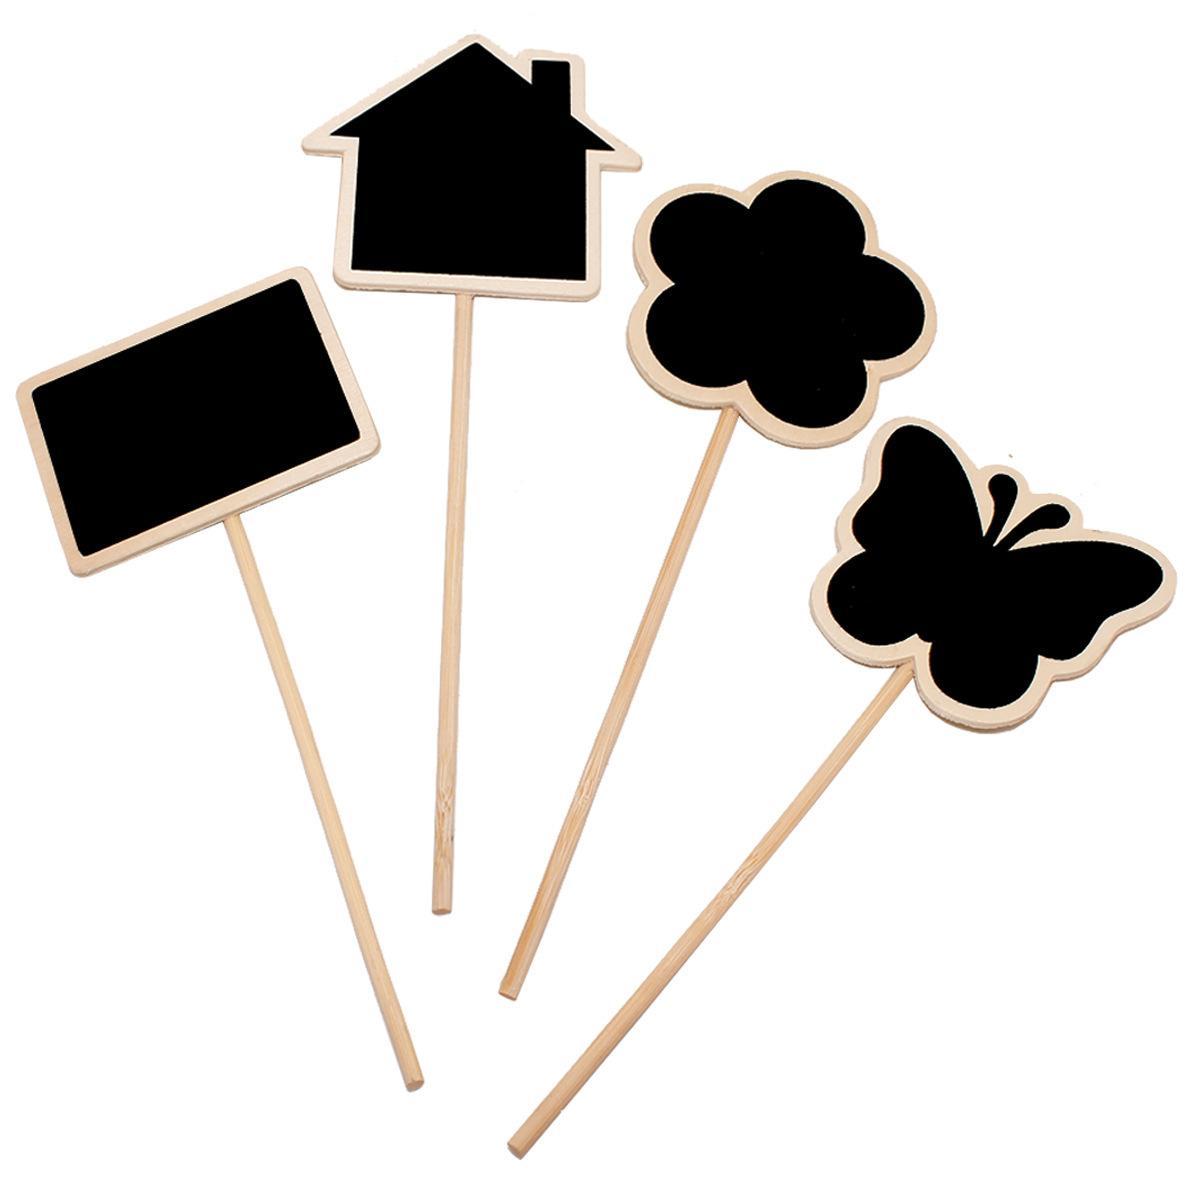 Etiquetas de la planta Marcador Forma linda Inserción de la tarjeta Mini Blackboard Woodiness Arts and Crafts Originalidad Dominio de la casa Flor de mariposa 0 54by D2 YZ90